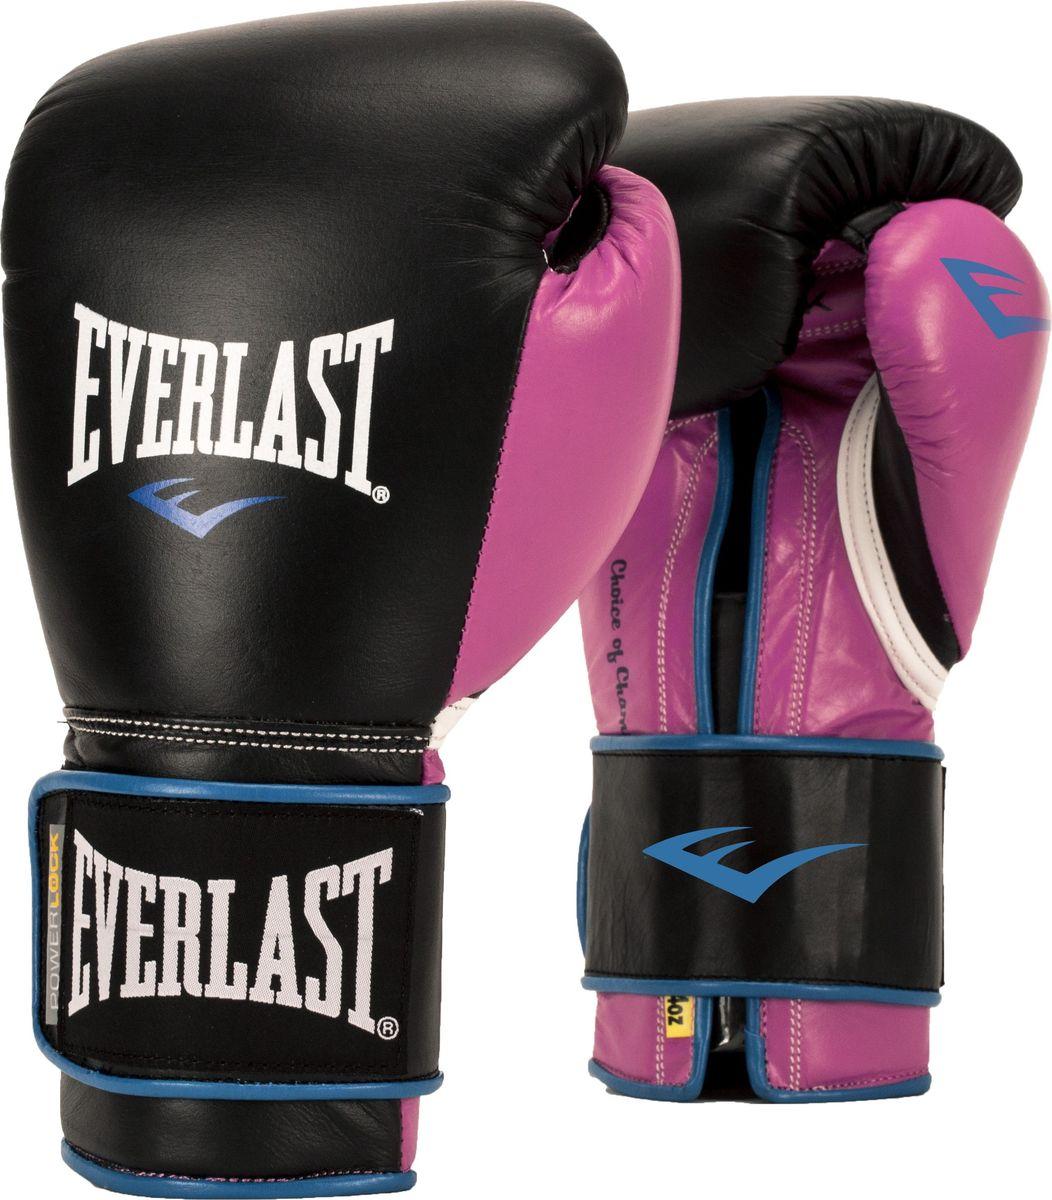 Боксерские перчатки Everlast Powerlock, тренировочные, P00000745, черный, розовый, вес 12 унций мультитул powerlock eod black oxide черный sog